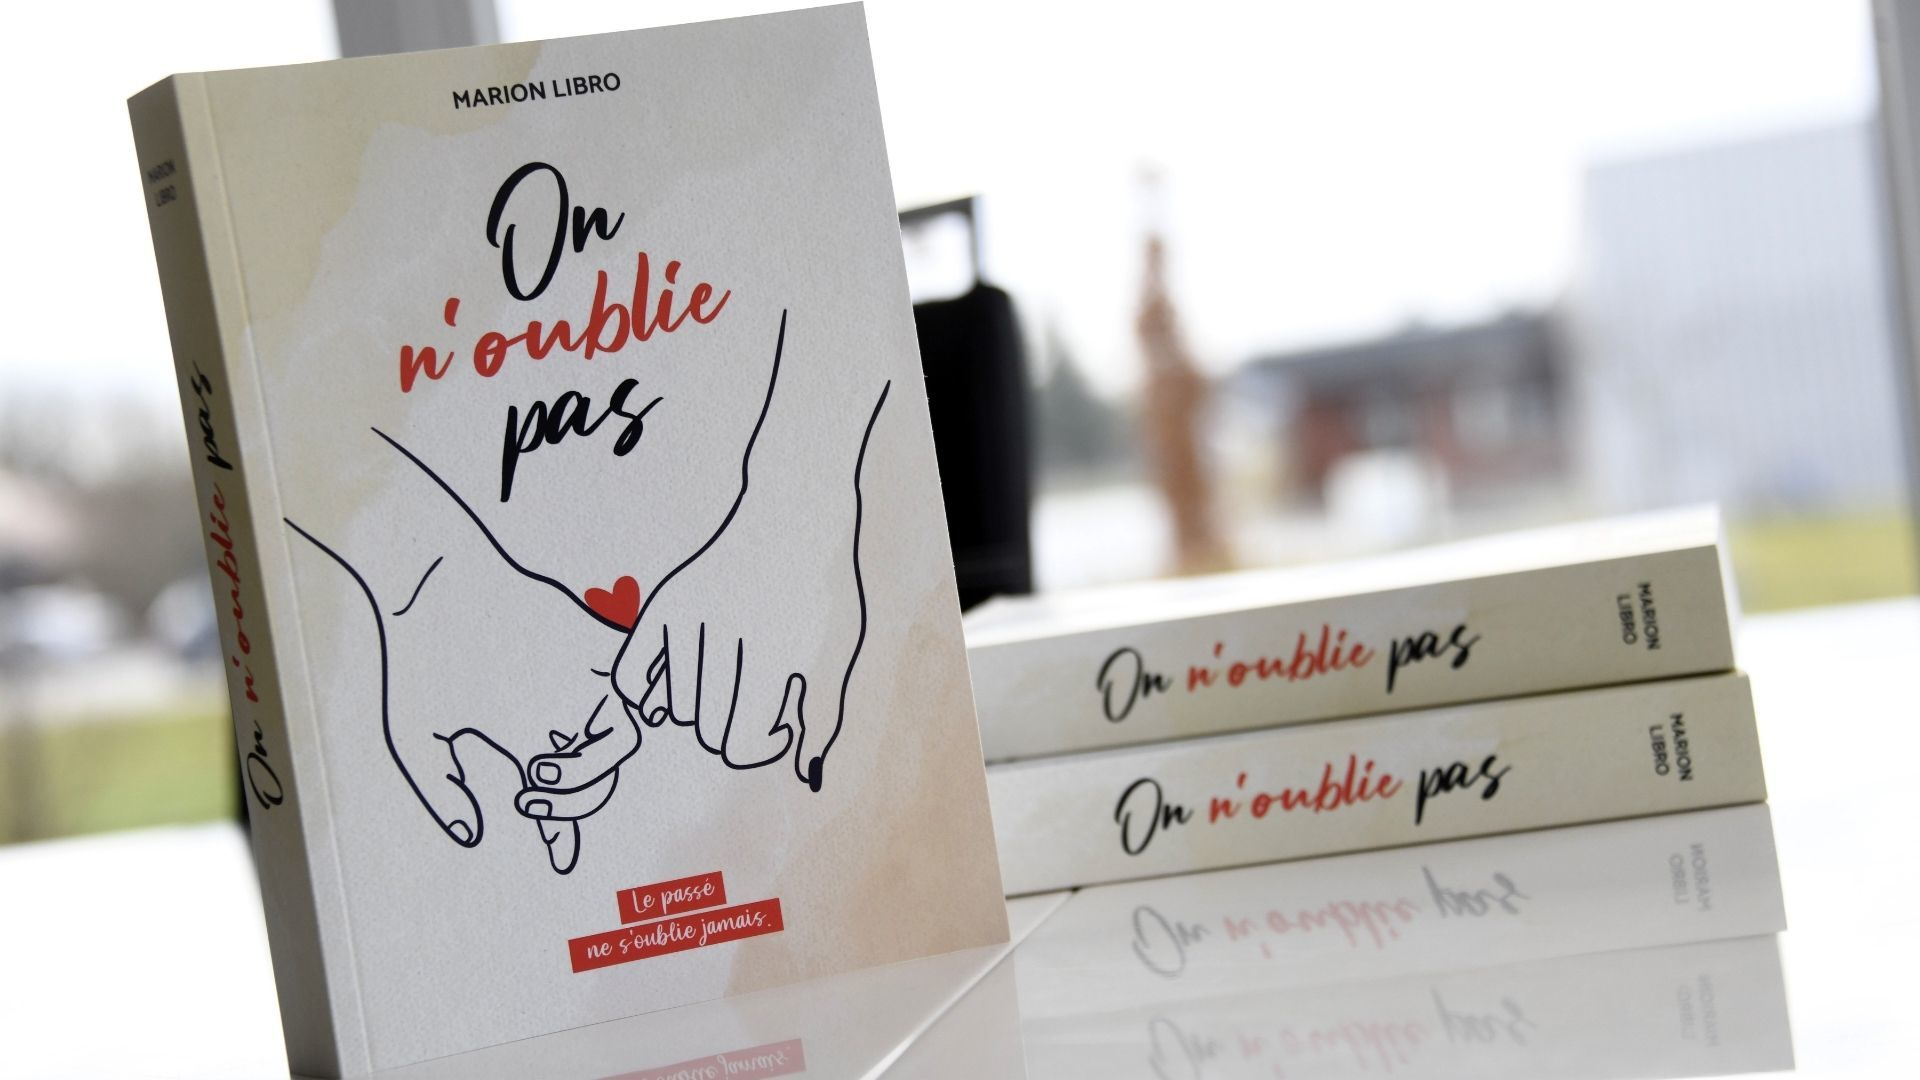 Marion Libro auteure et blogueuse littéraire : on n'oublie pas de marion libro